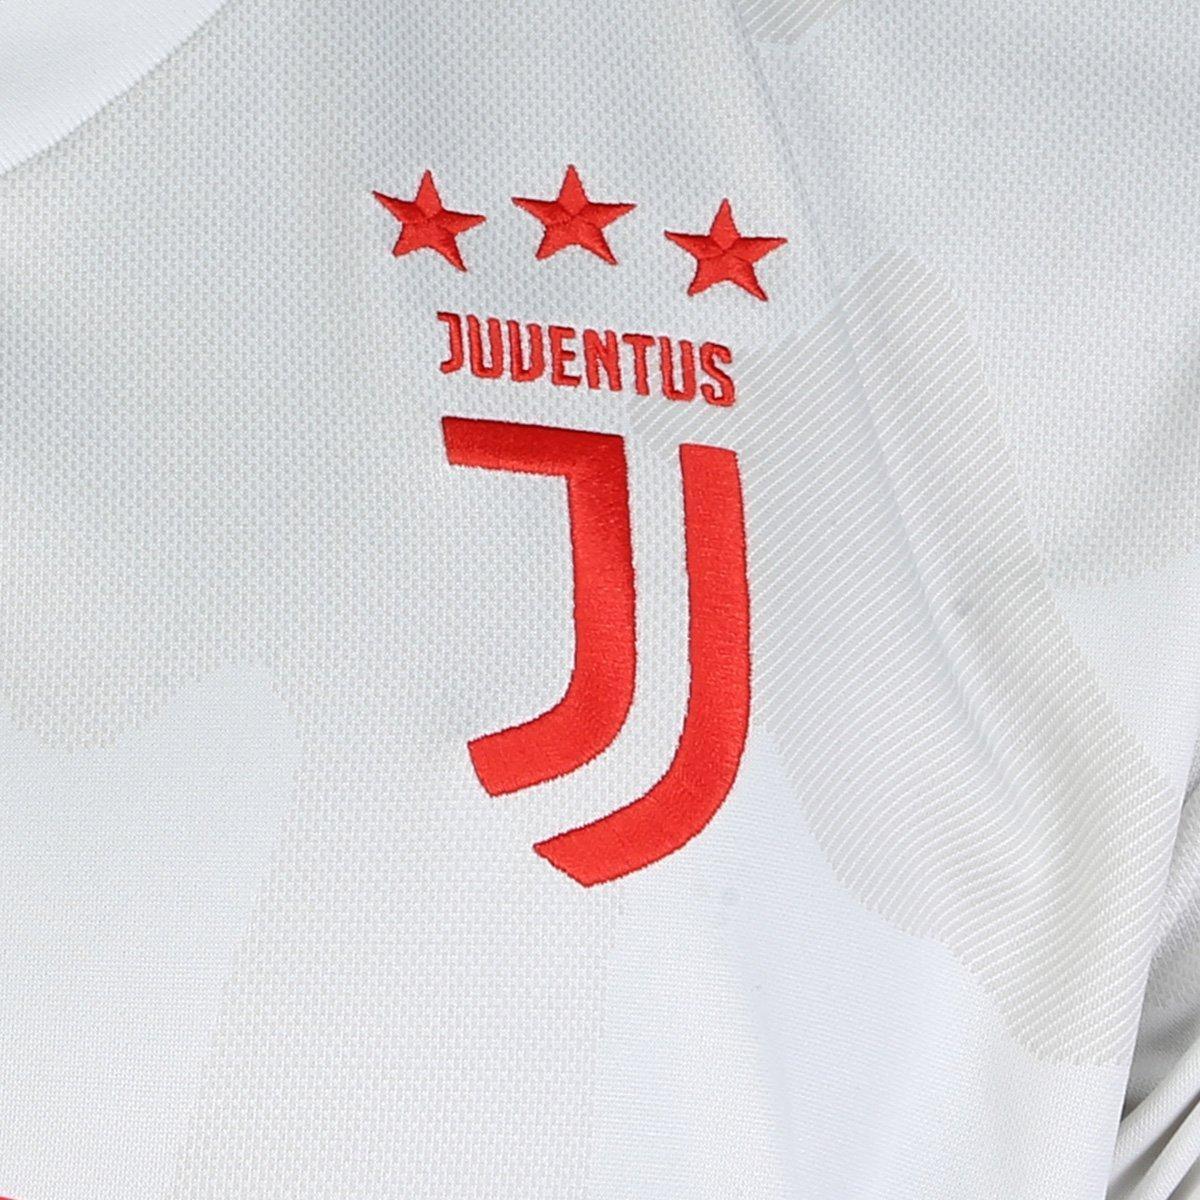 Camisa Juventus Away 19/20 s/nº Torcedor Adidas Masculina - Tam: M - 3